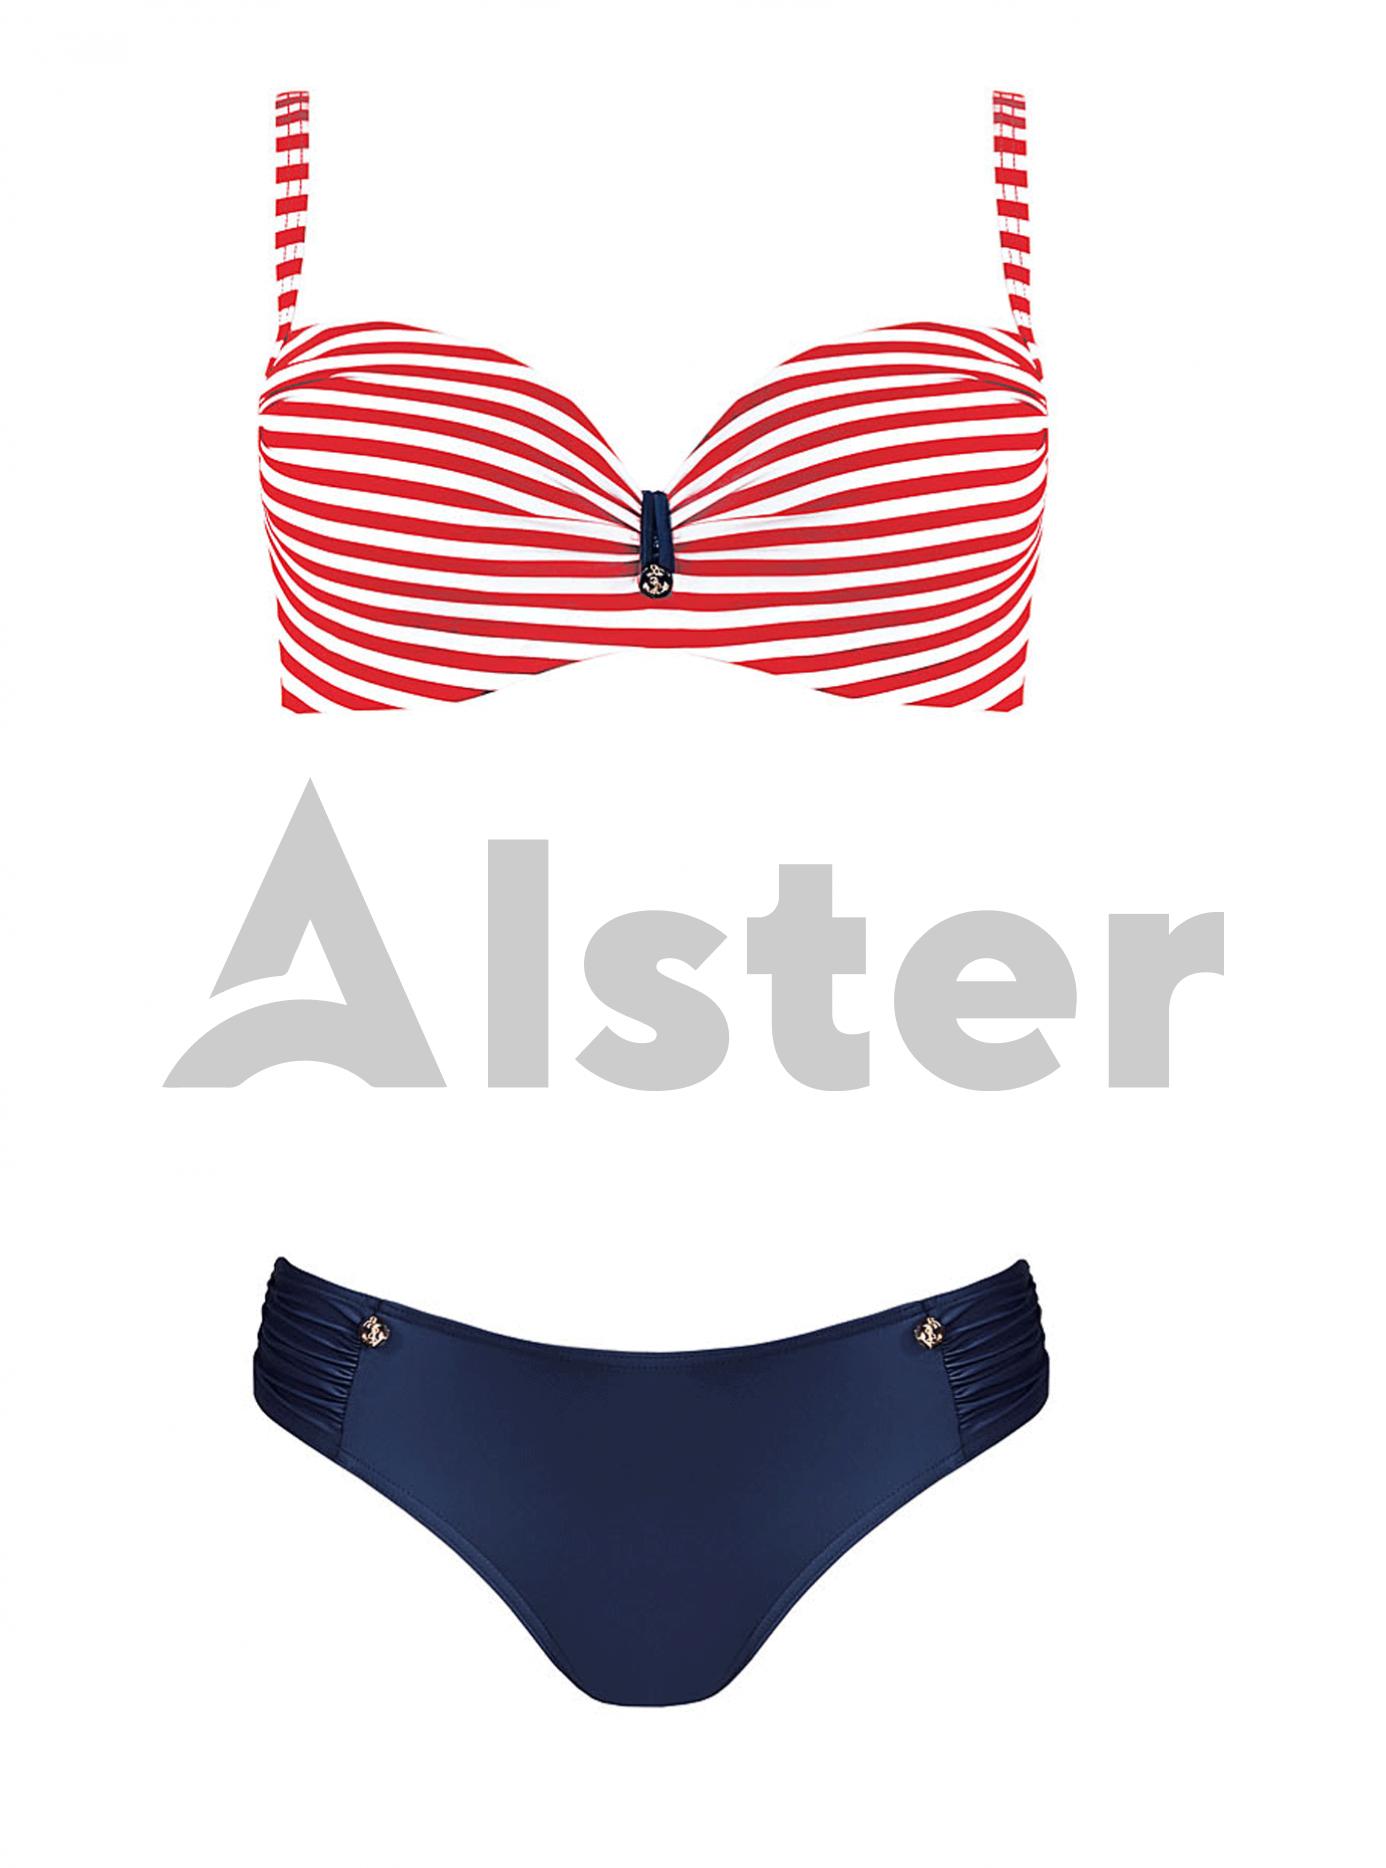 Раздельный купальник с полосатым верхом Красный 44E (01-K190569): фото - Alster.ua